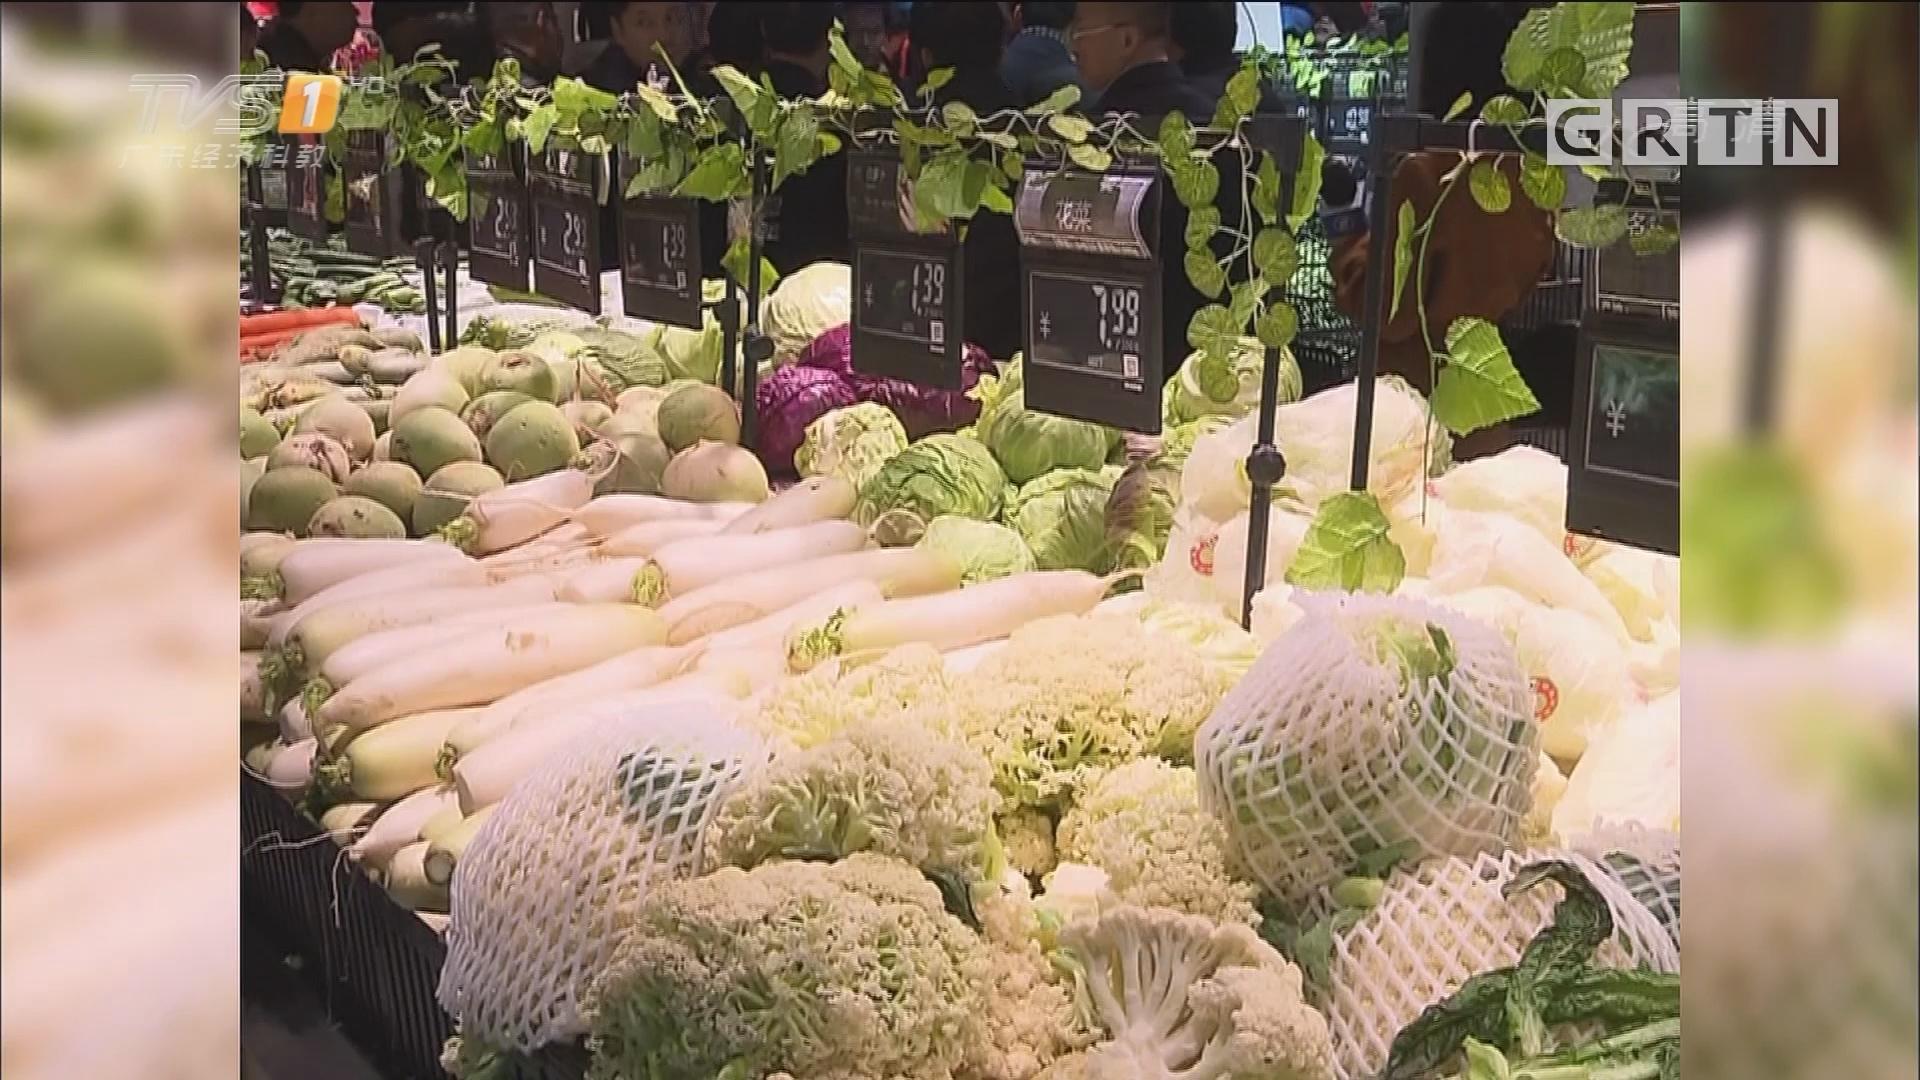 2018年春节市场:供应充足 满足消费升级需求